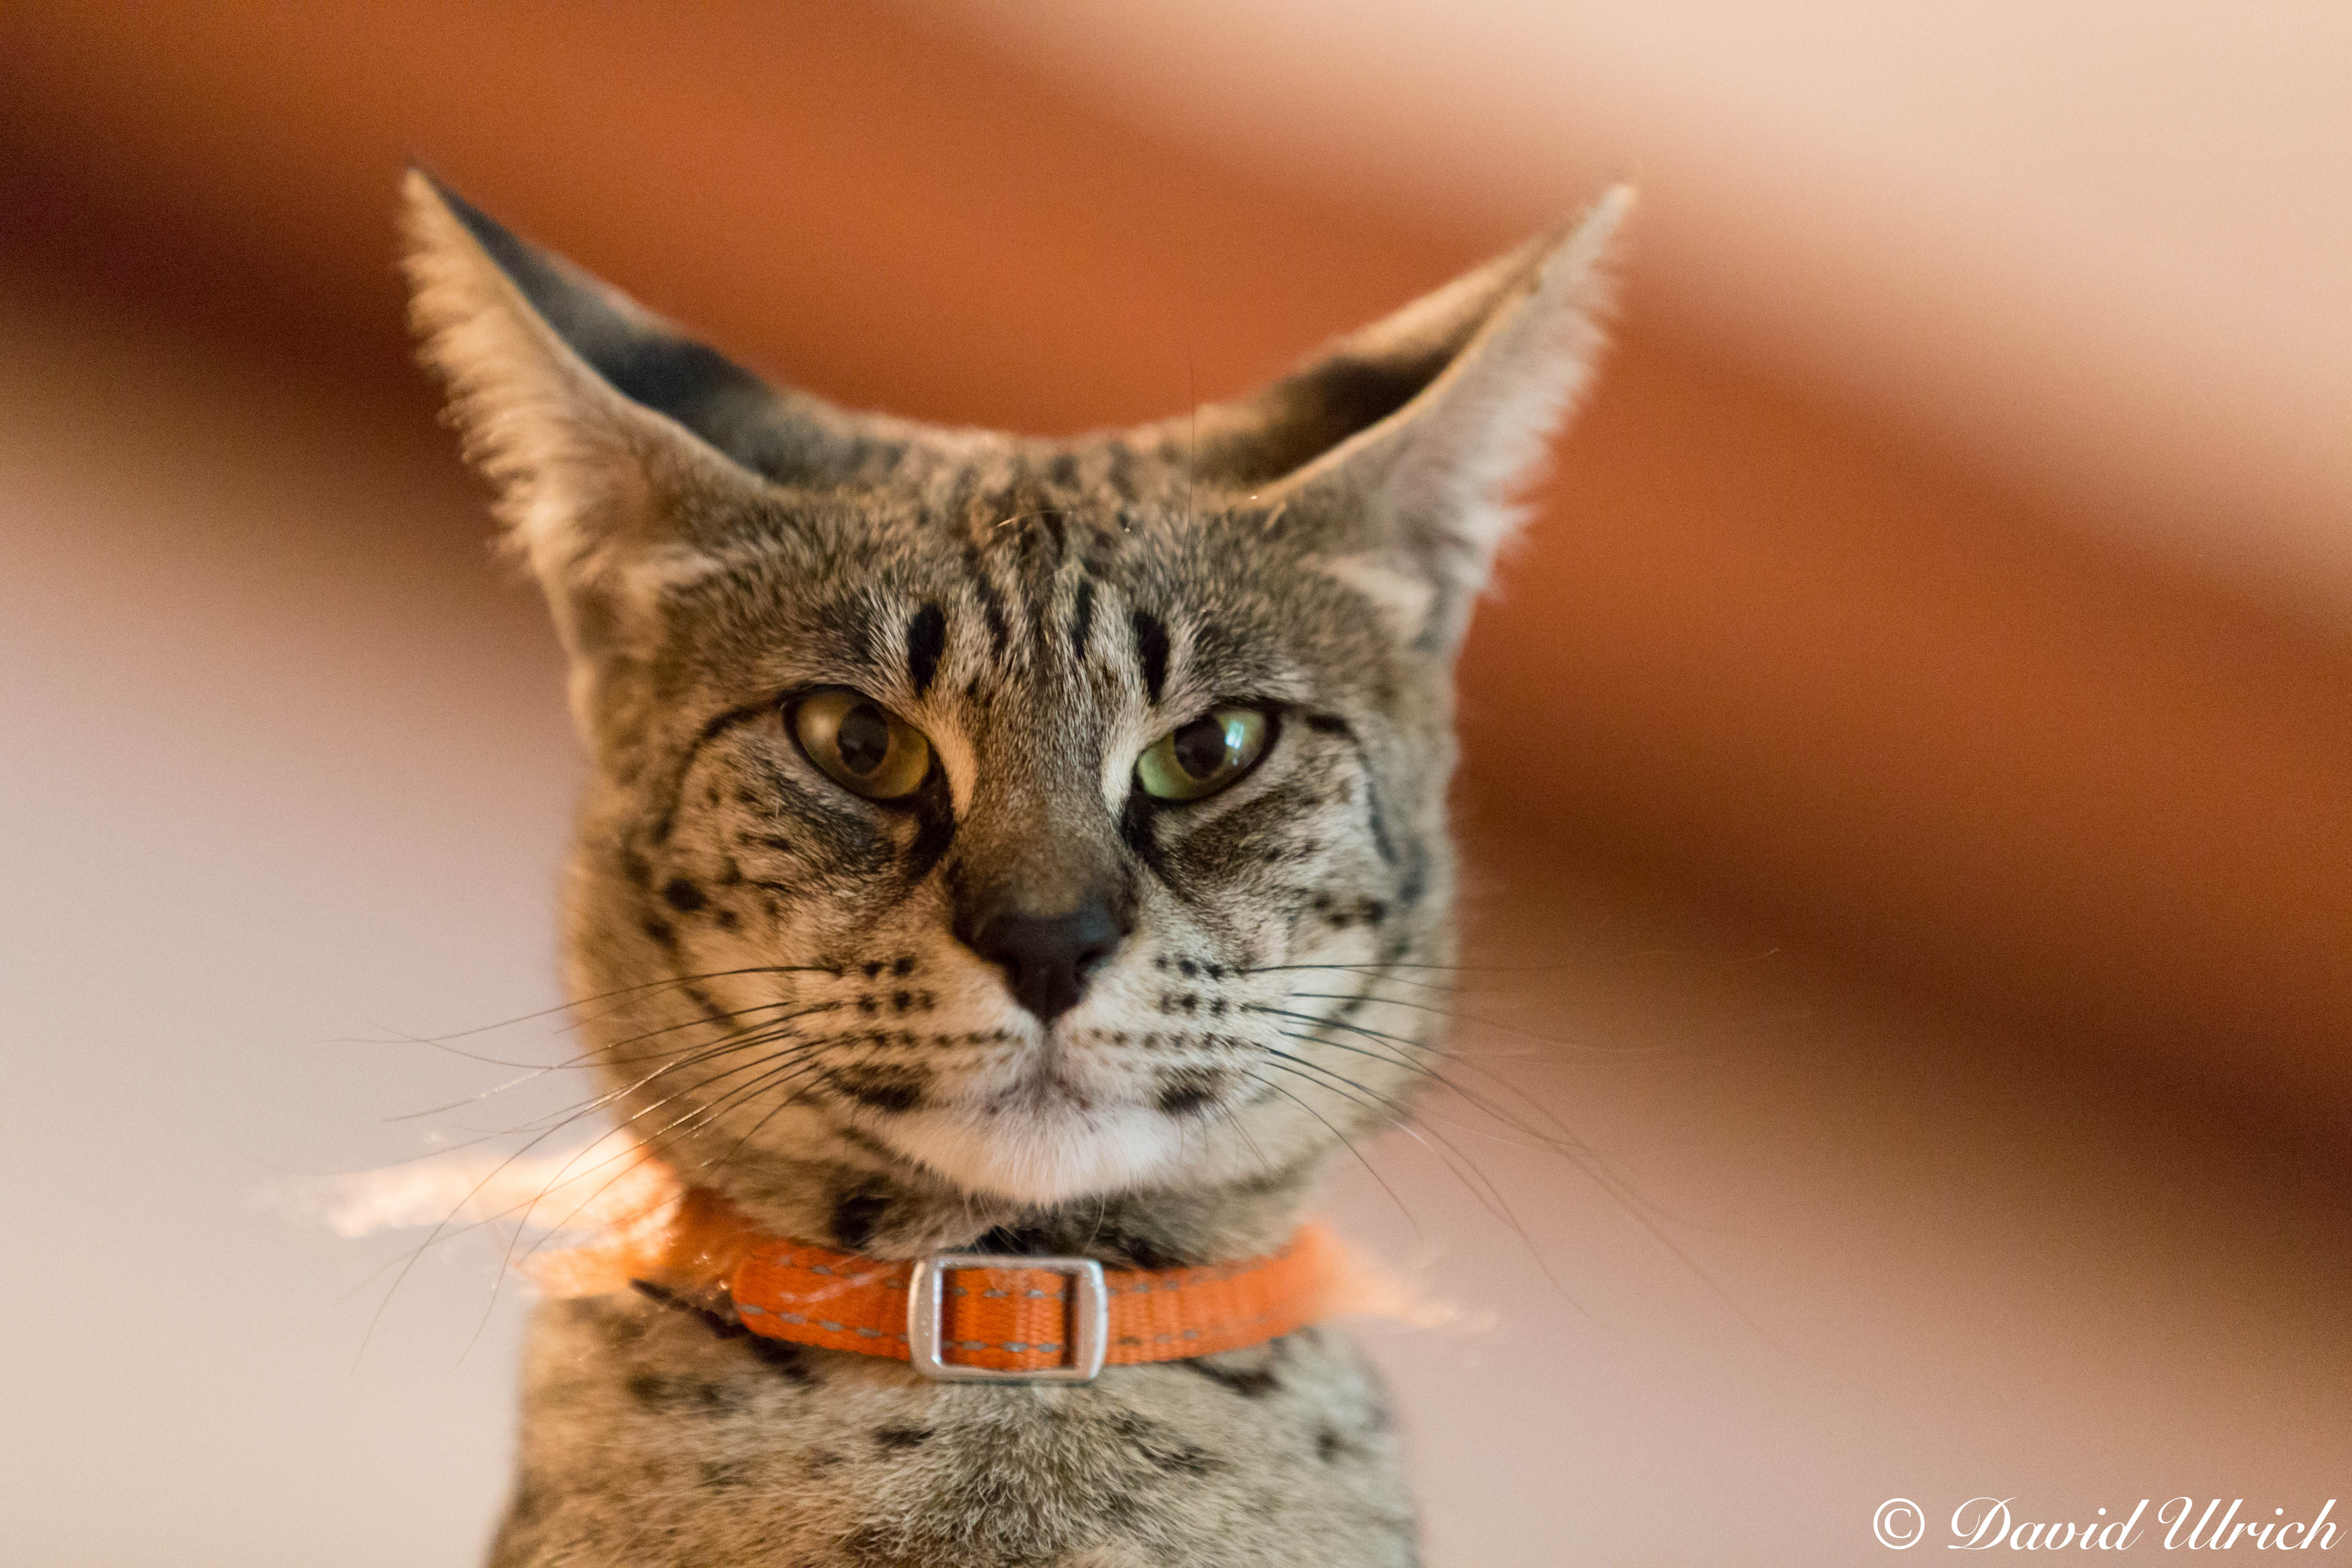 Un gato gris - 5472x3648